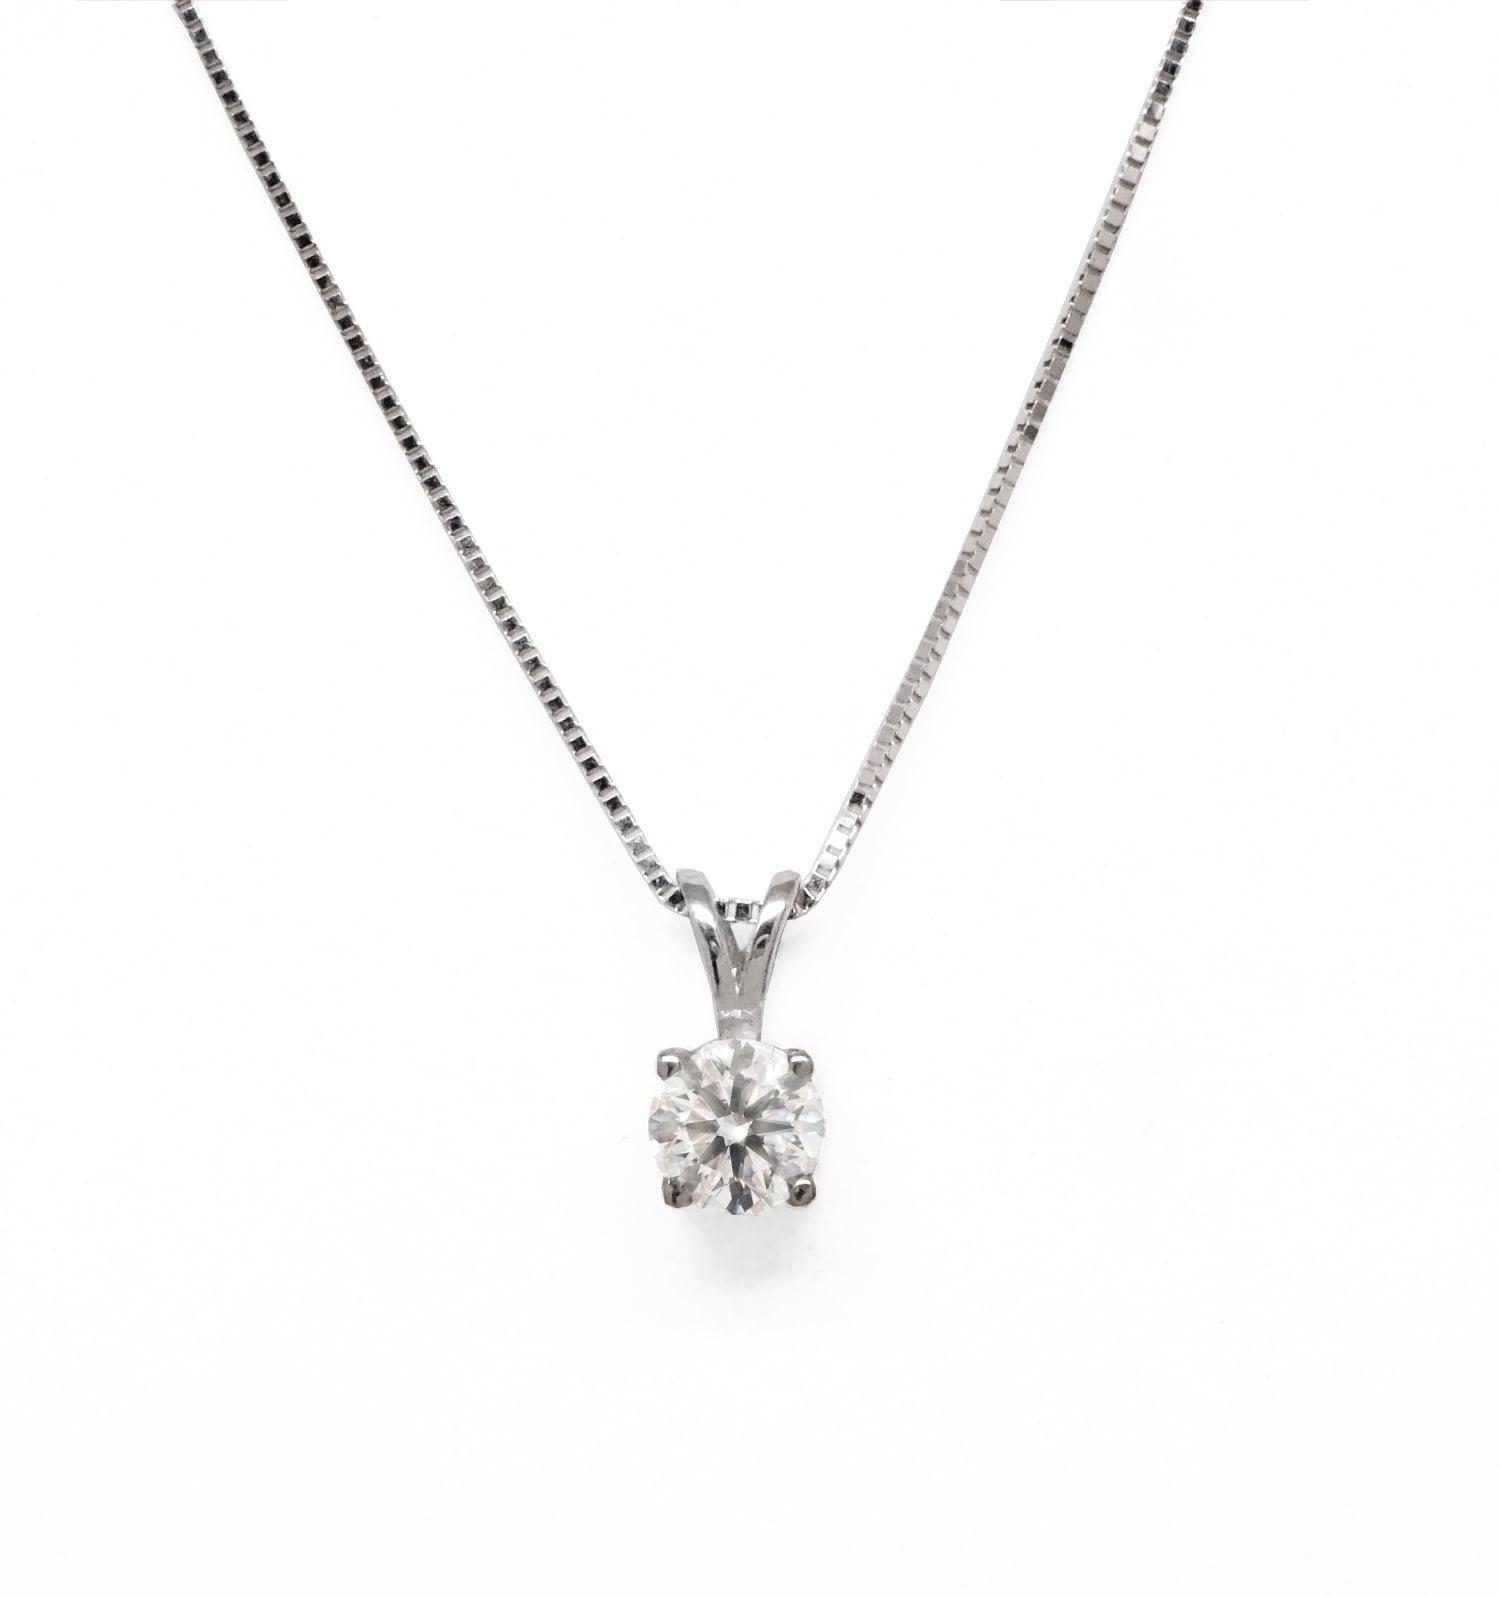 שרשרת ותליון יהלום שרשרת יהלום 0.30 קראט | תליון יהלום בודד  בזהב